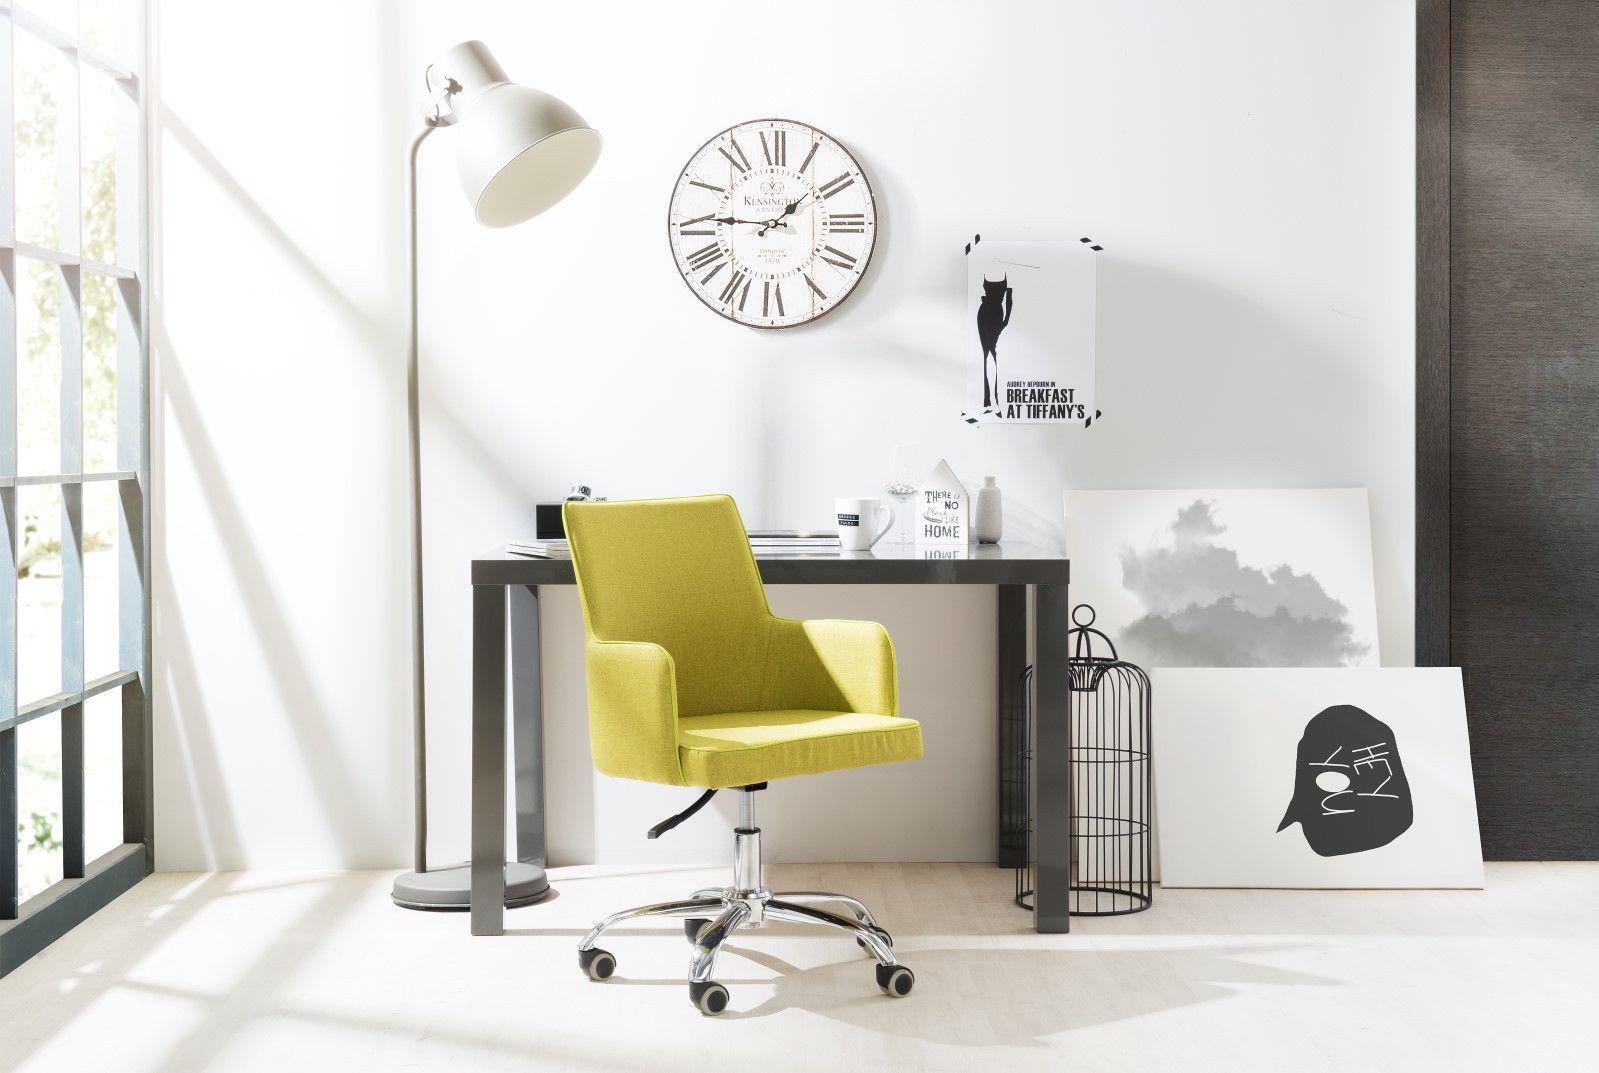 Tisch schreibtisch b rotisch prime dekor hochglanz grau for Schreibtisch hochglanz grau